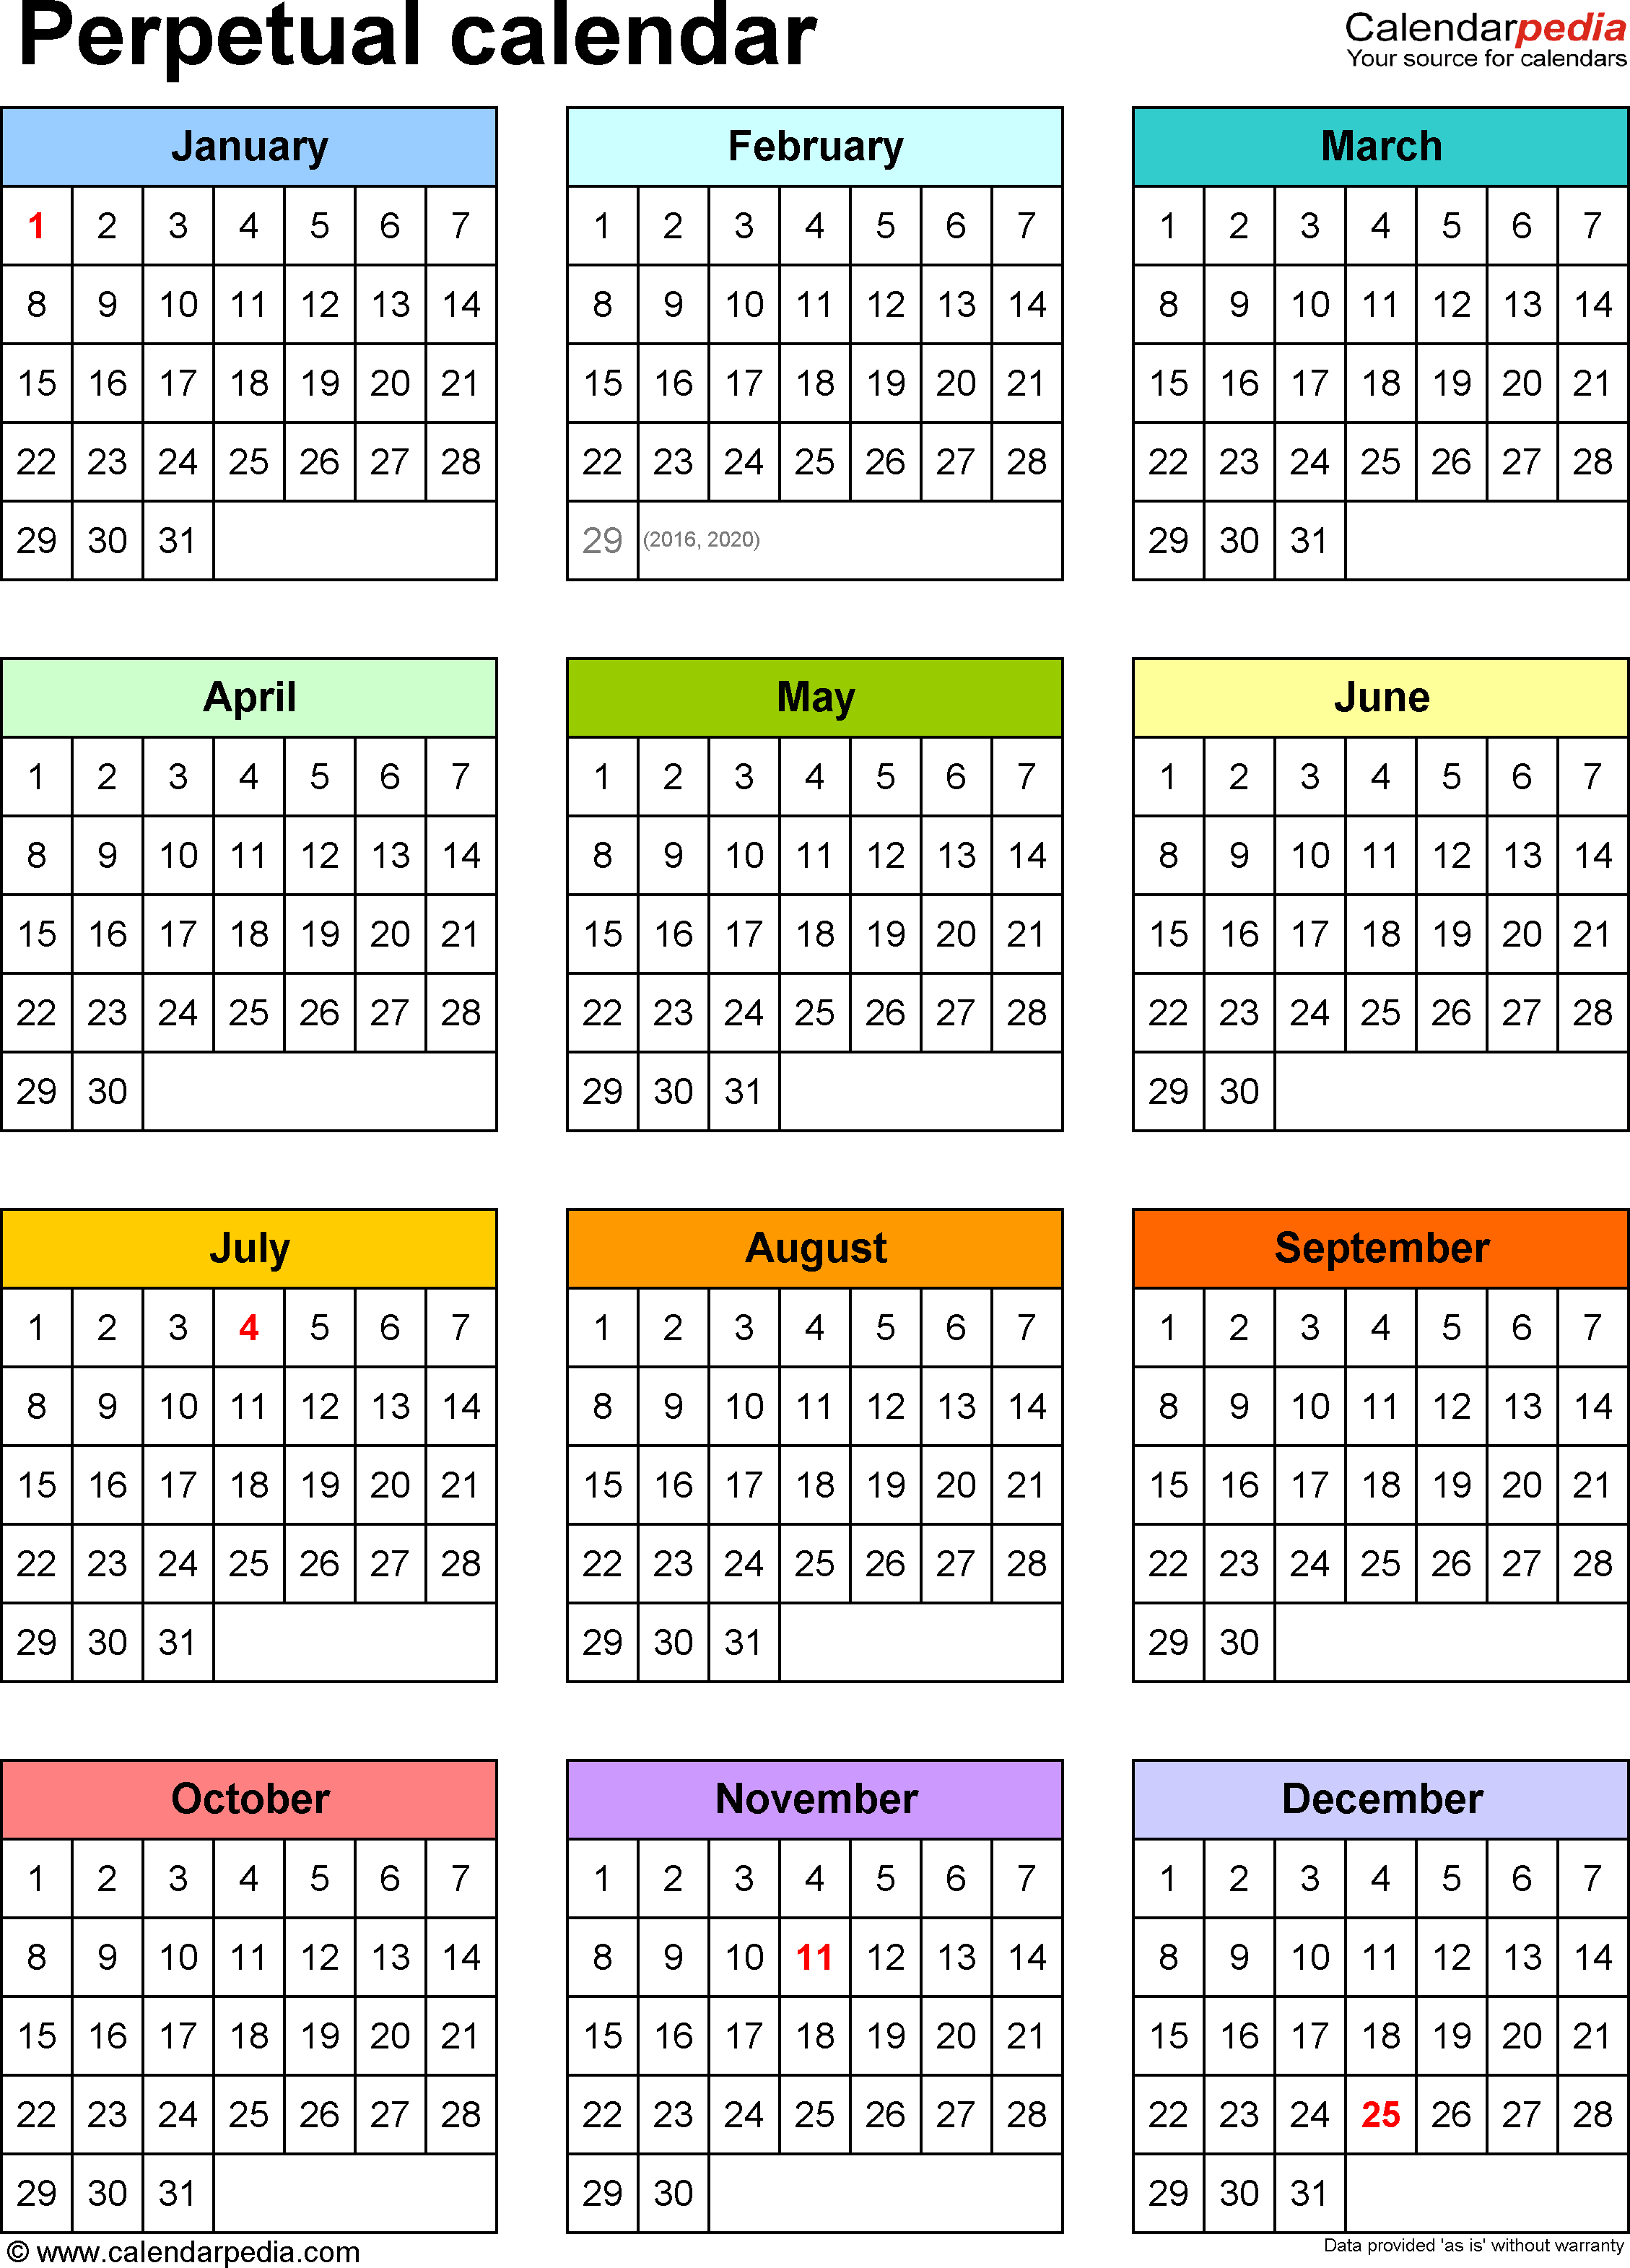 Print Calendar Portrait View